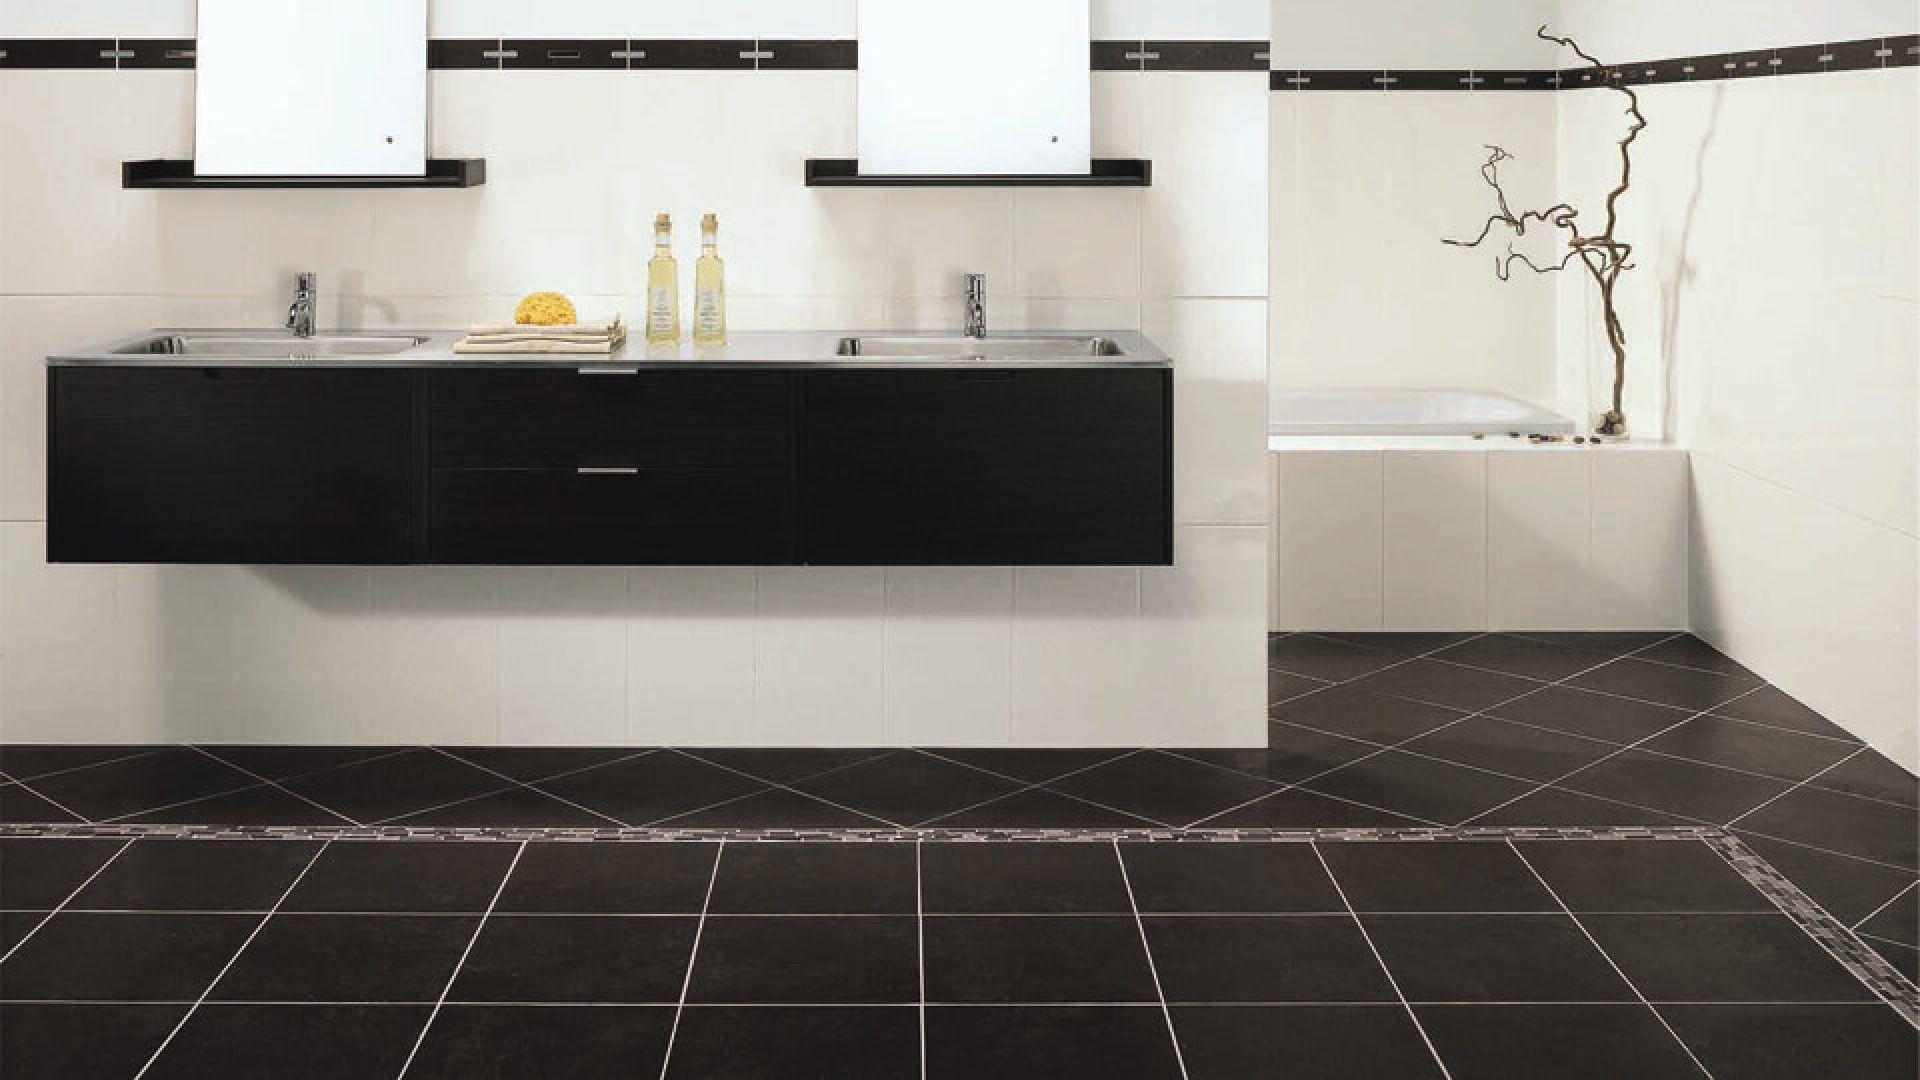 Comment Rénover Un Vieux Carrelage Au Sol poser un carrelage au sol dans une salle de bains | weber